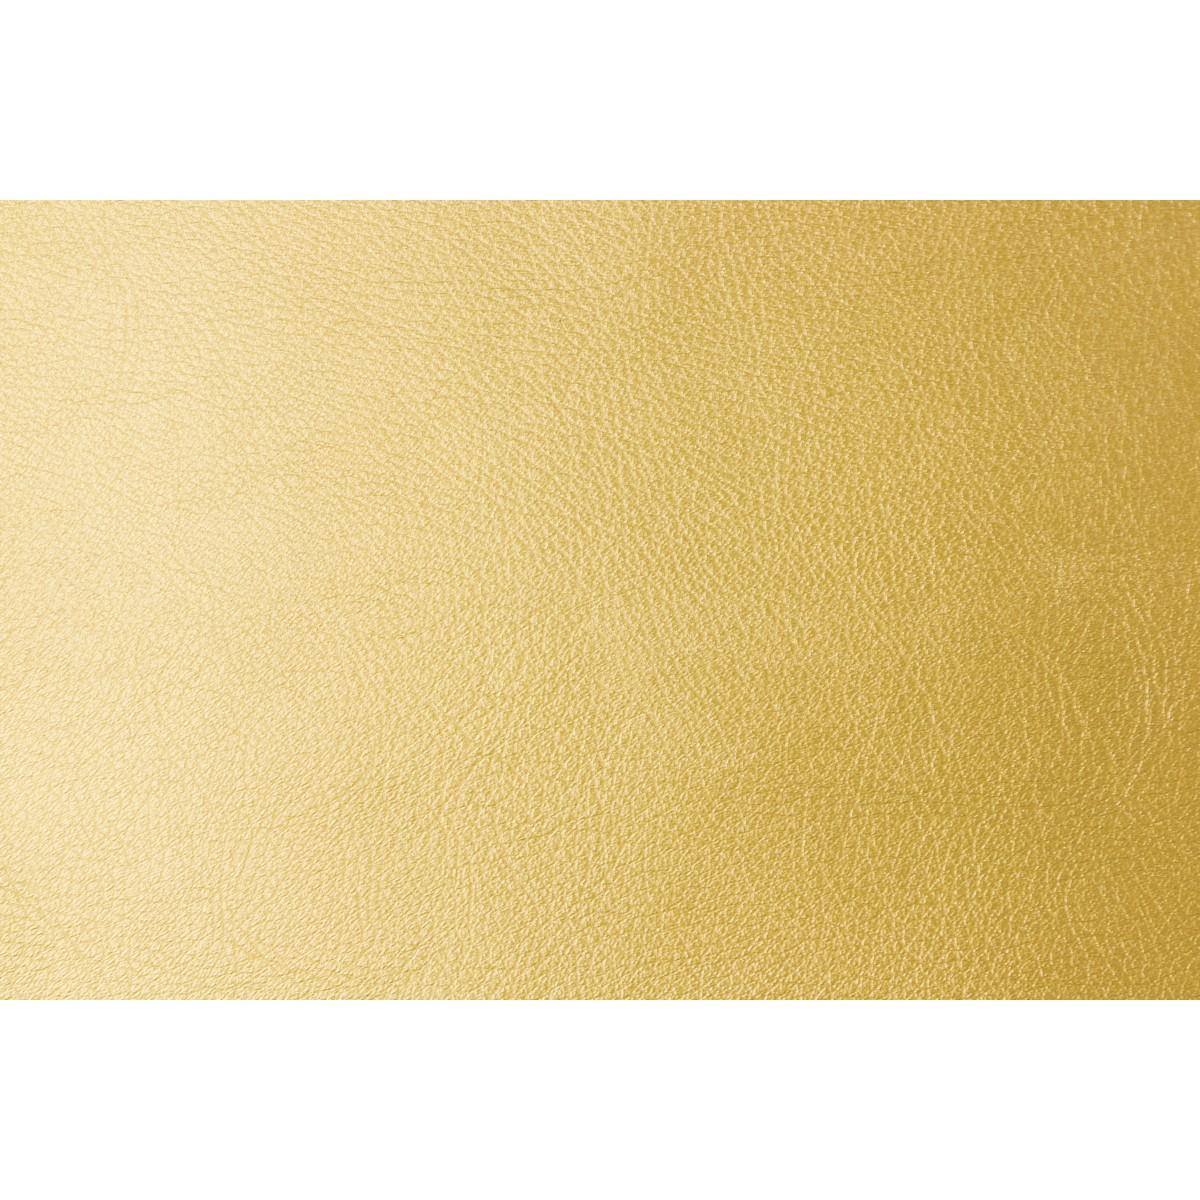 バッグ用レザーsolid 原反 巾100cm イエローダイヤ/NBL2350R-4【01】【取寄】[10m]《 手芸用品 生地・芯地 合皮 》